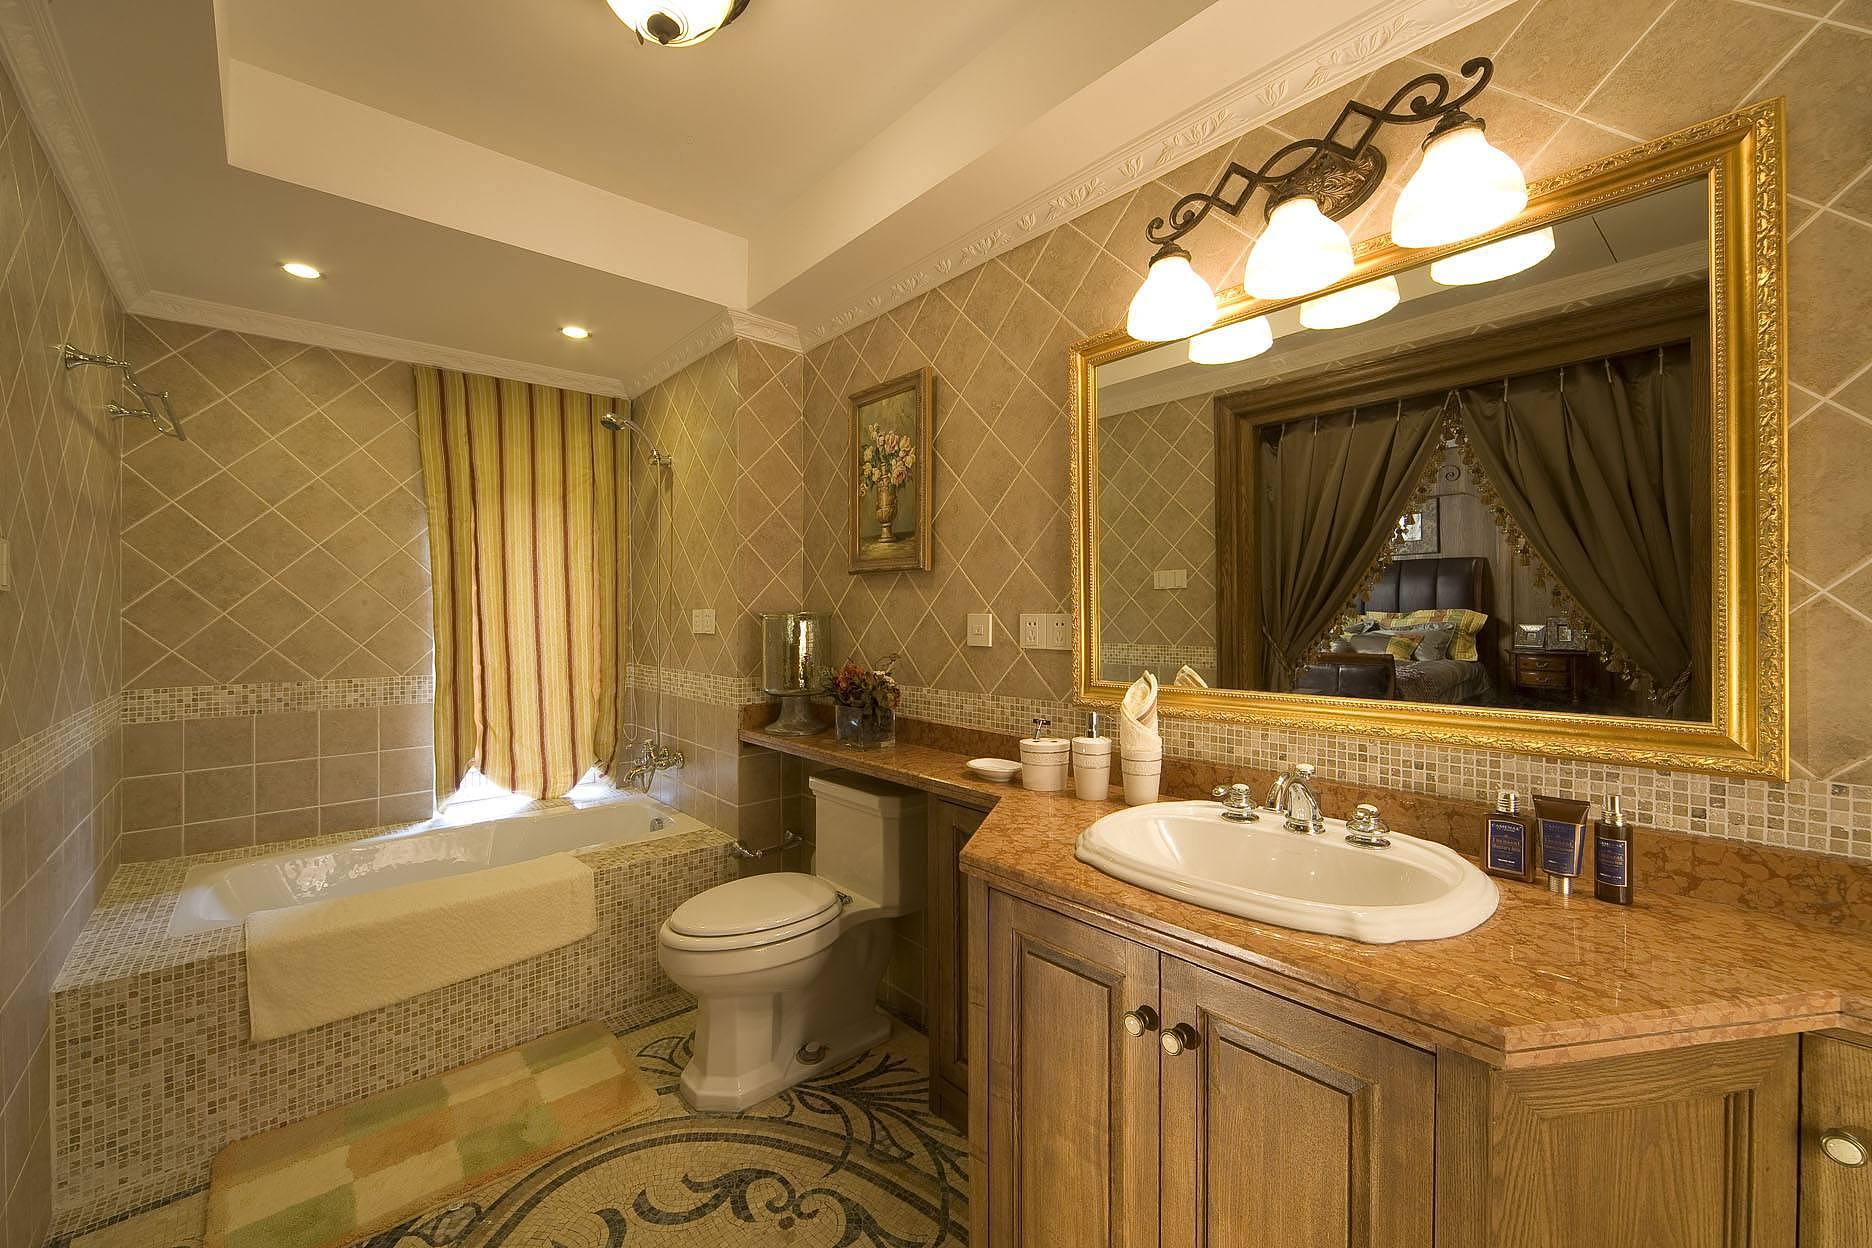 美式风格浴室装修特点 随性的浪漫